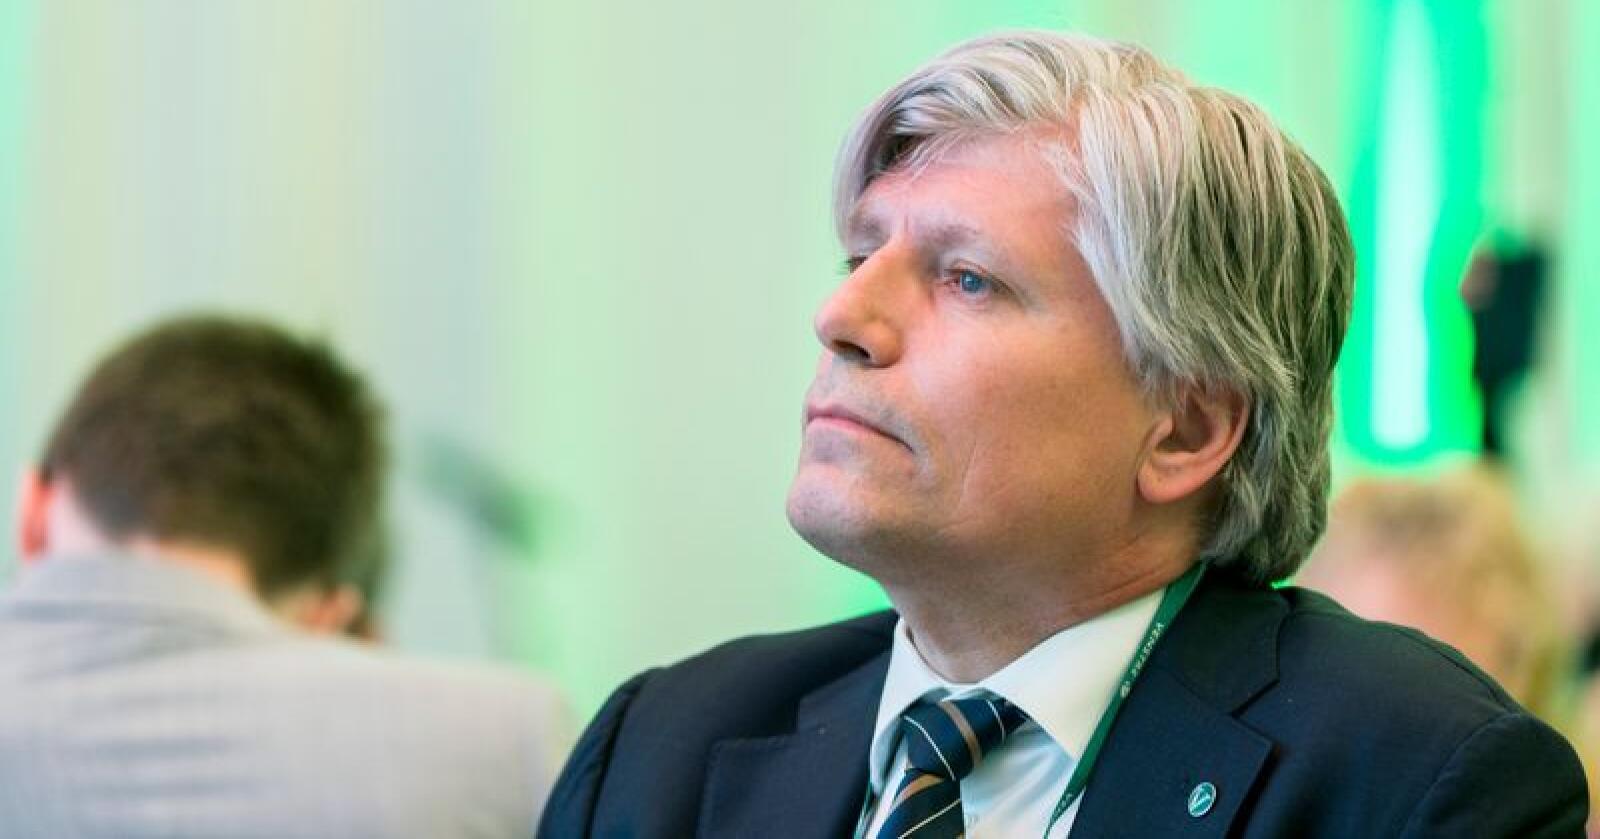 Klima- og miljøminister Ola Elvestuen har besluttet å utsette rivingen av seterbygningene i Vesllie på Hjerkinn etter massive protester. Foto: Ned Alley / NTB scanpix